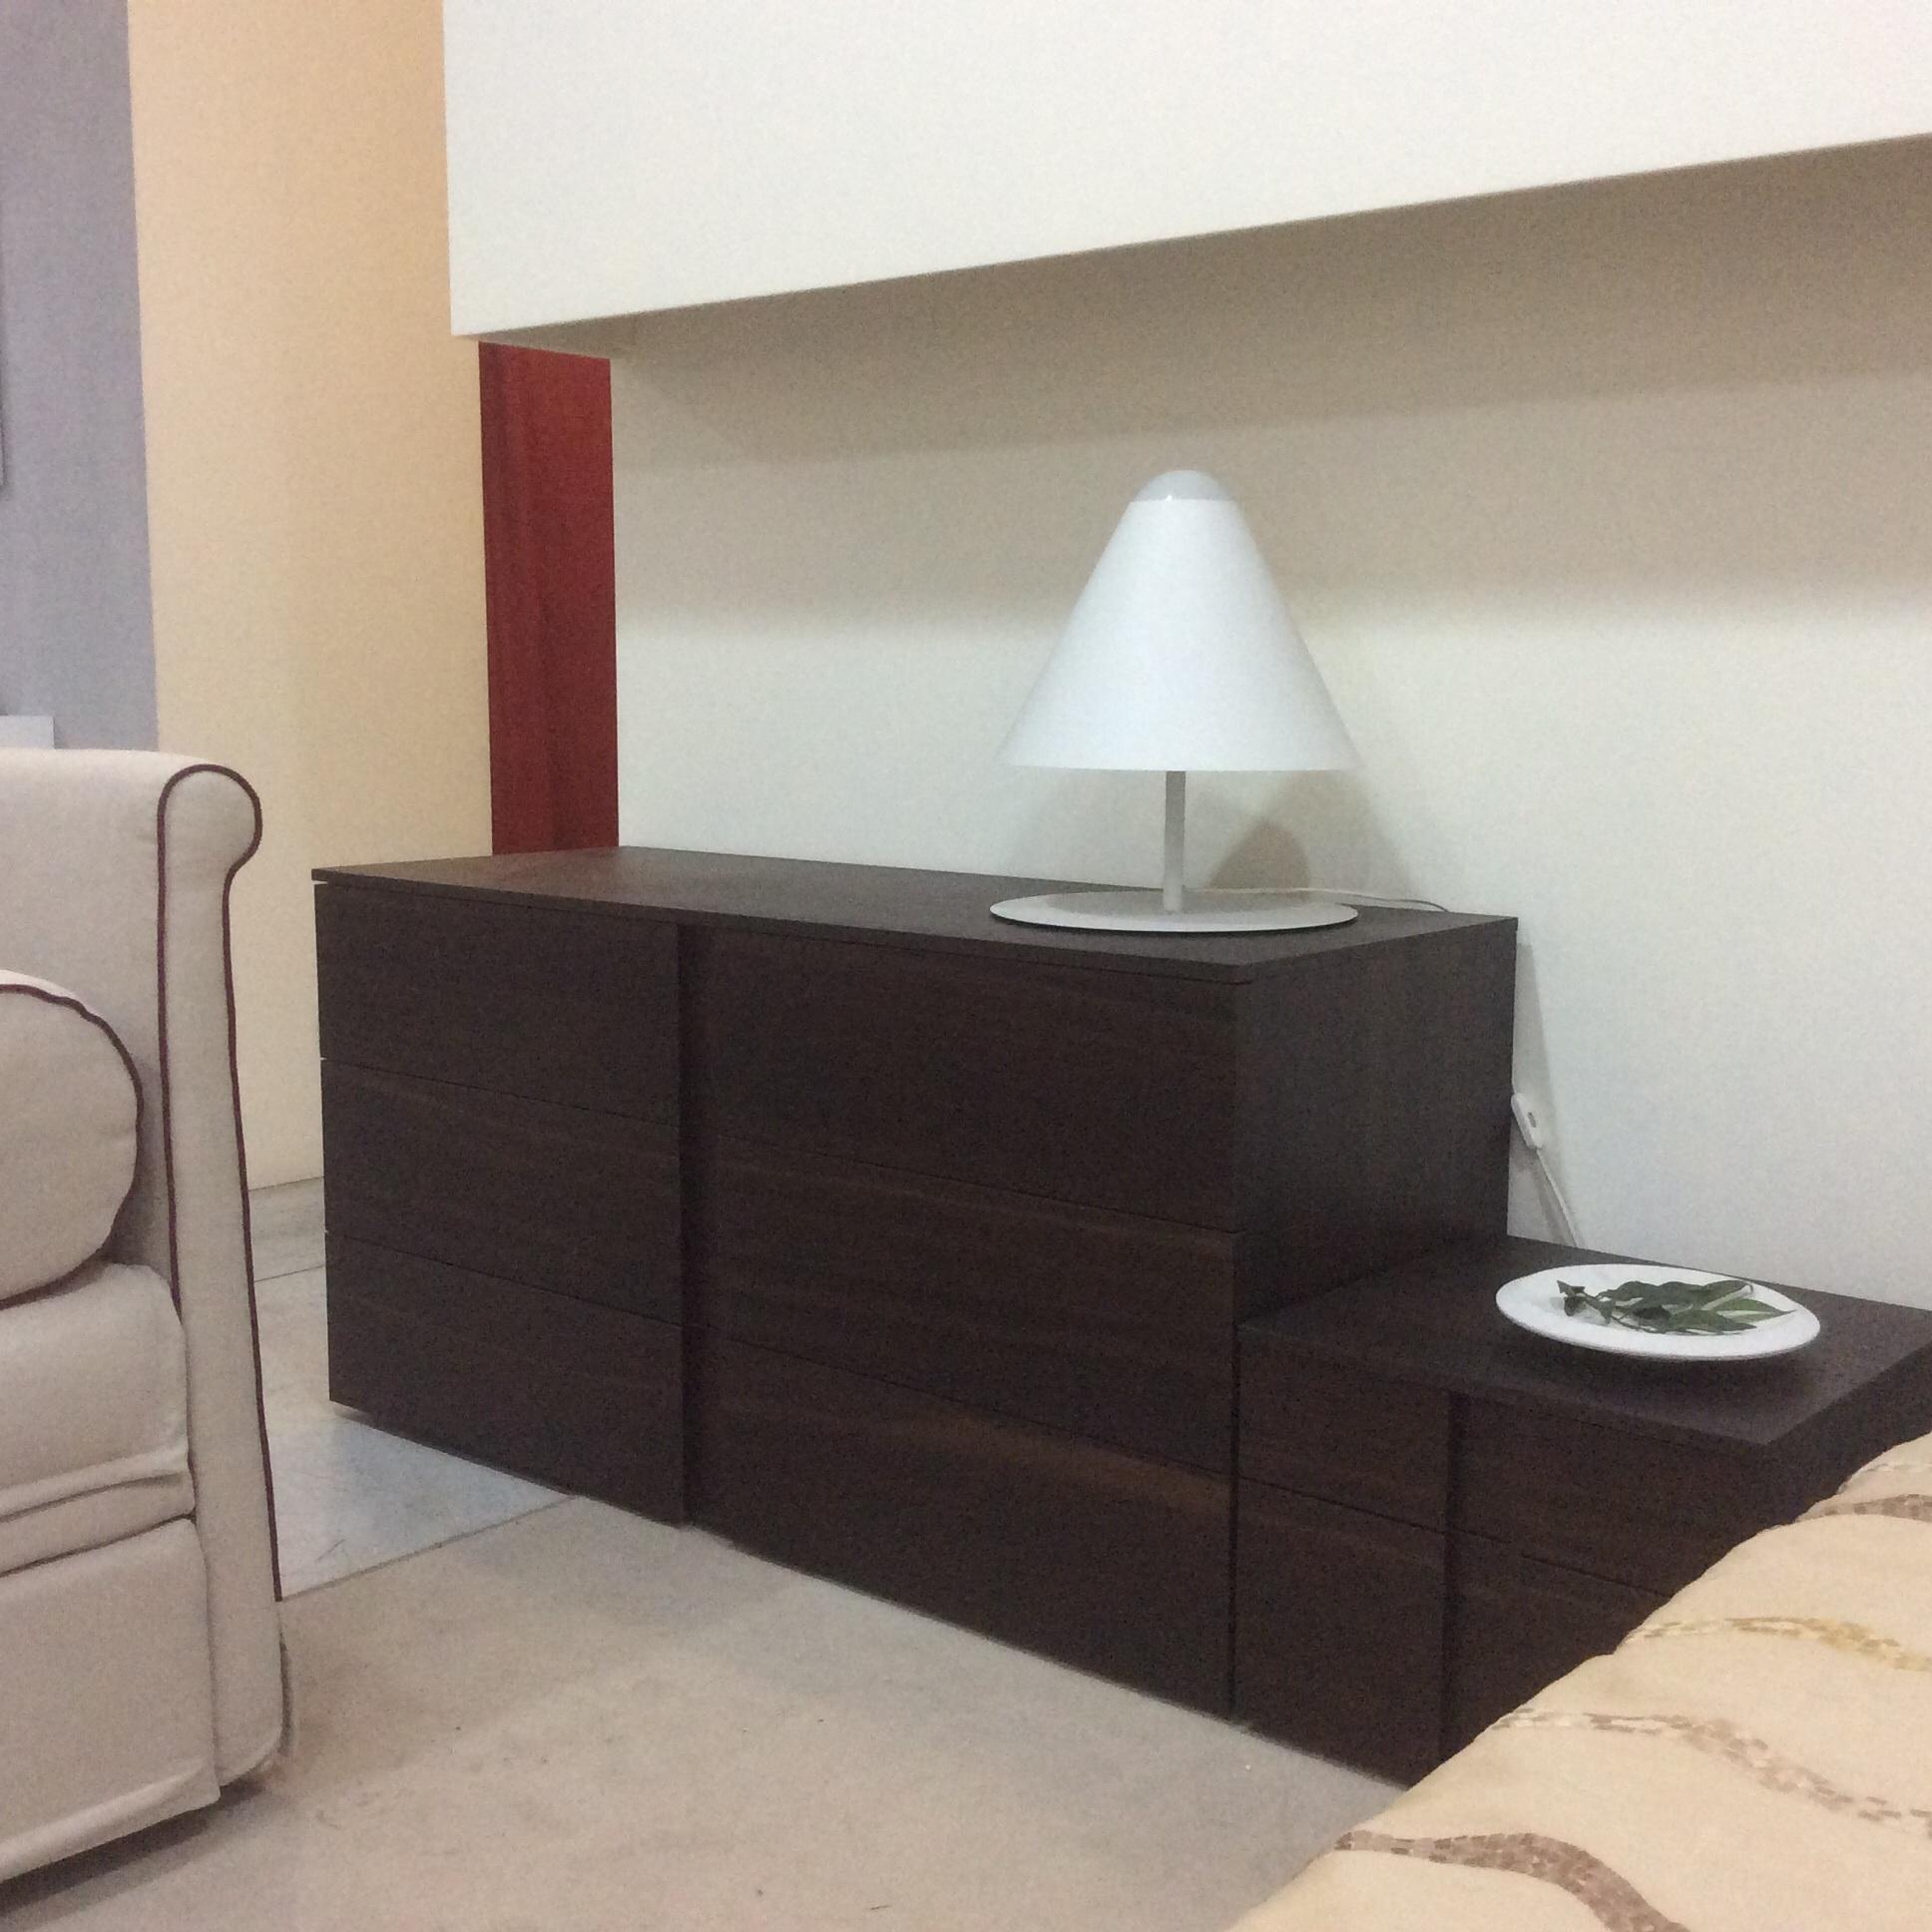 Camera silenia linear moderno vero legno camere a for Comodini moderni